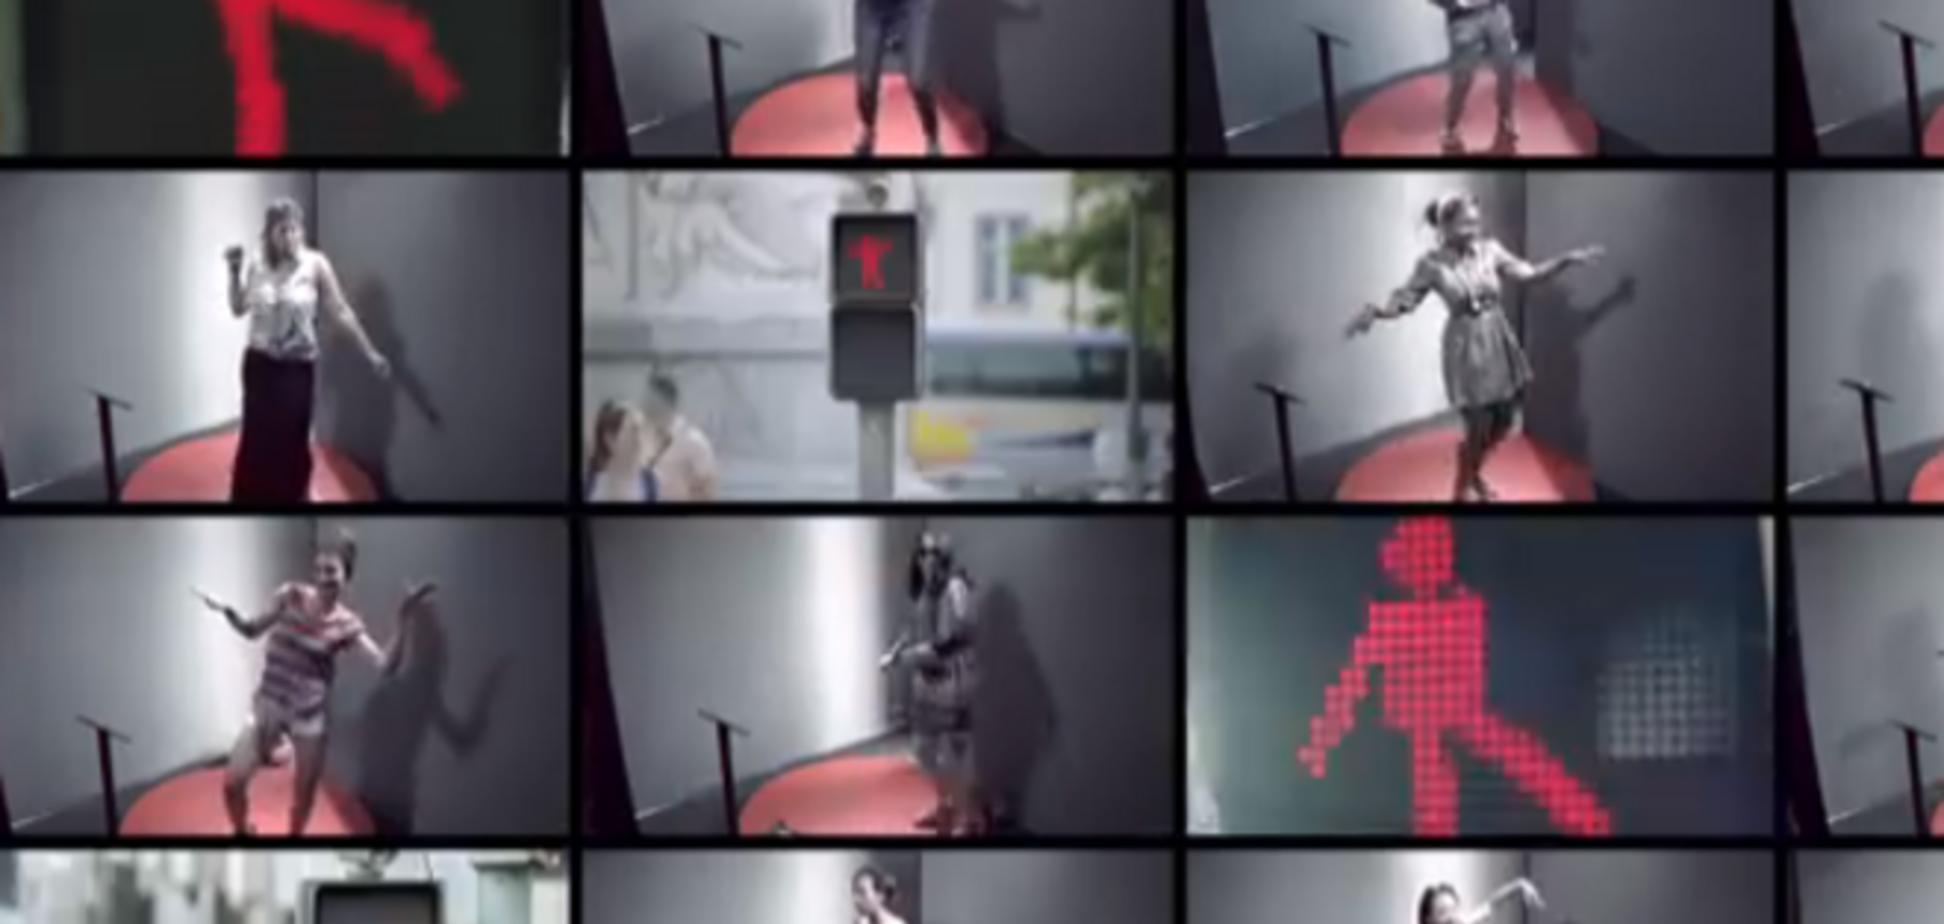 Видео с танцующим светофором взорвало сеть